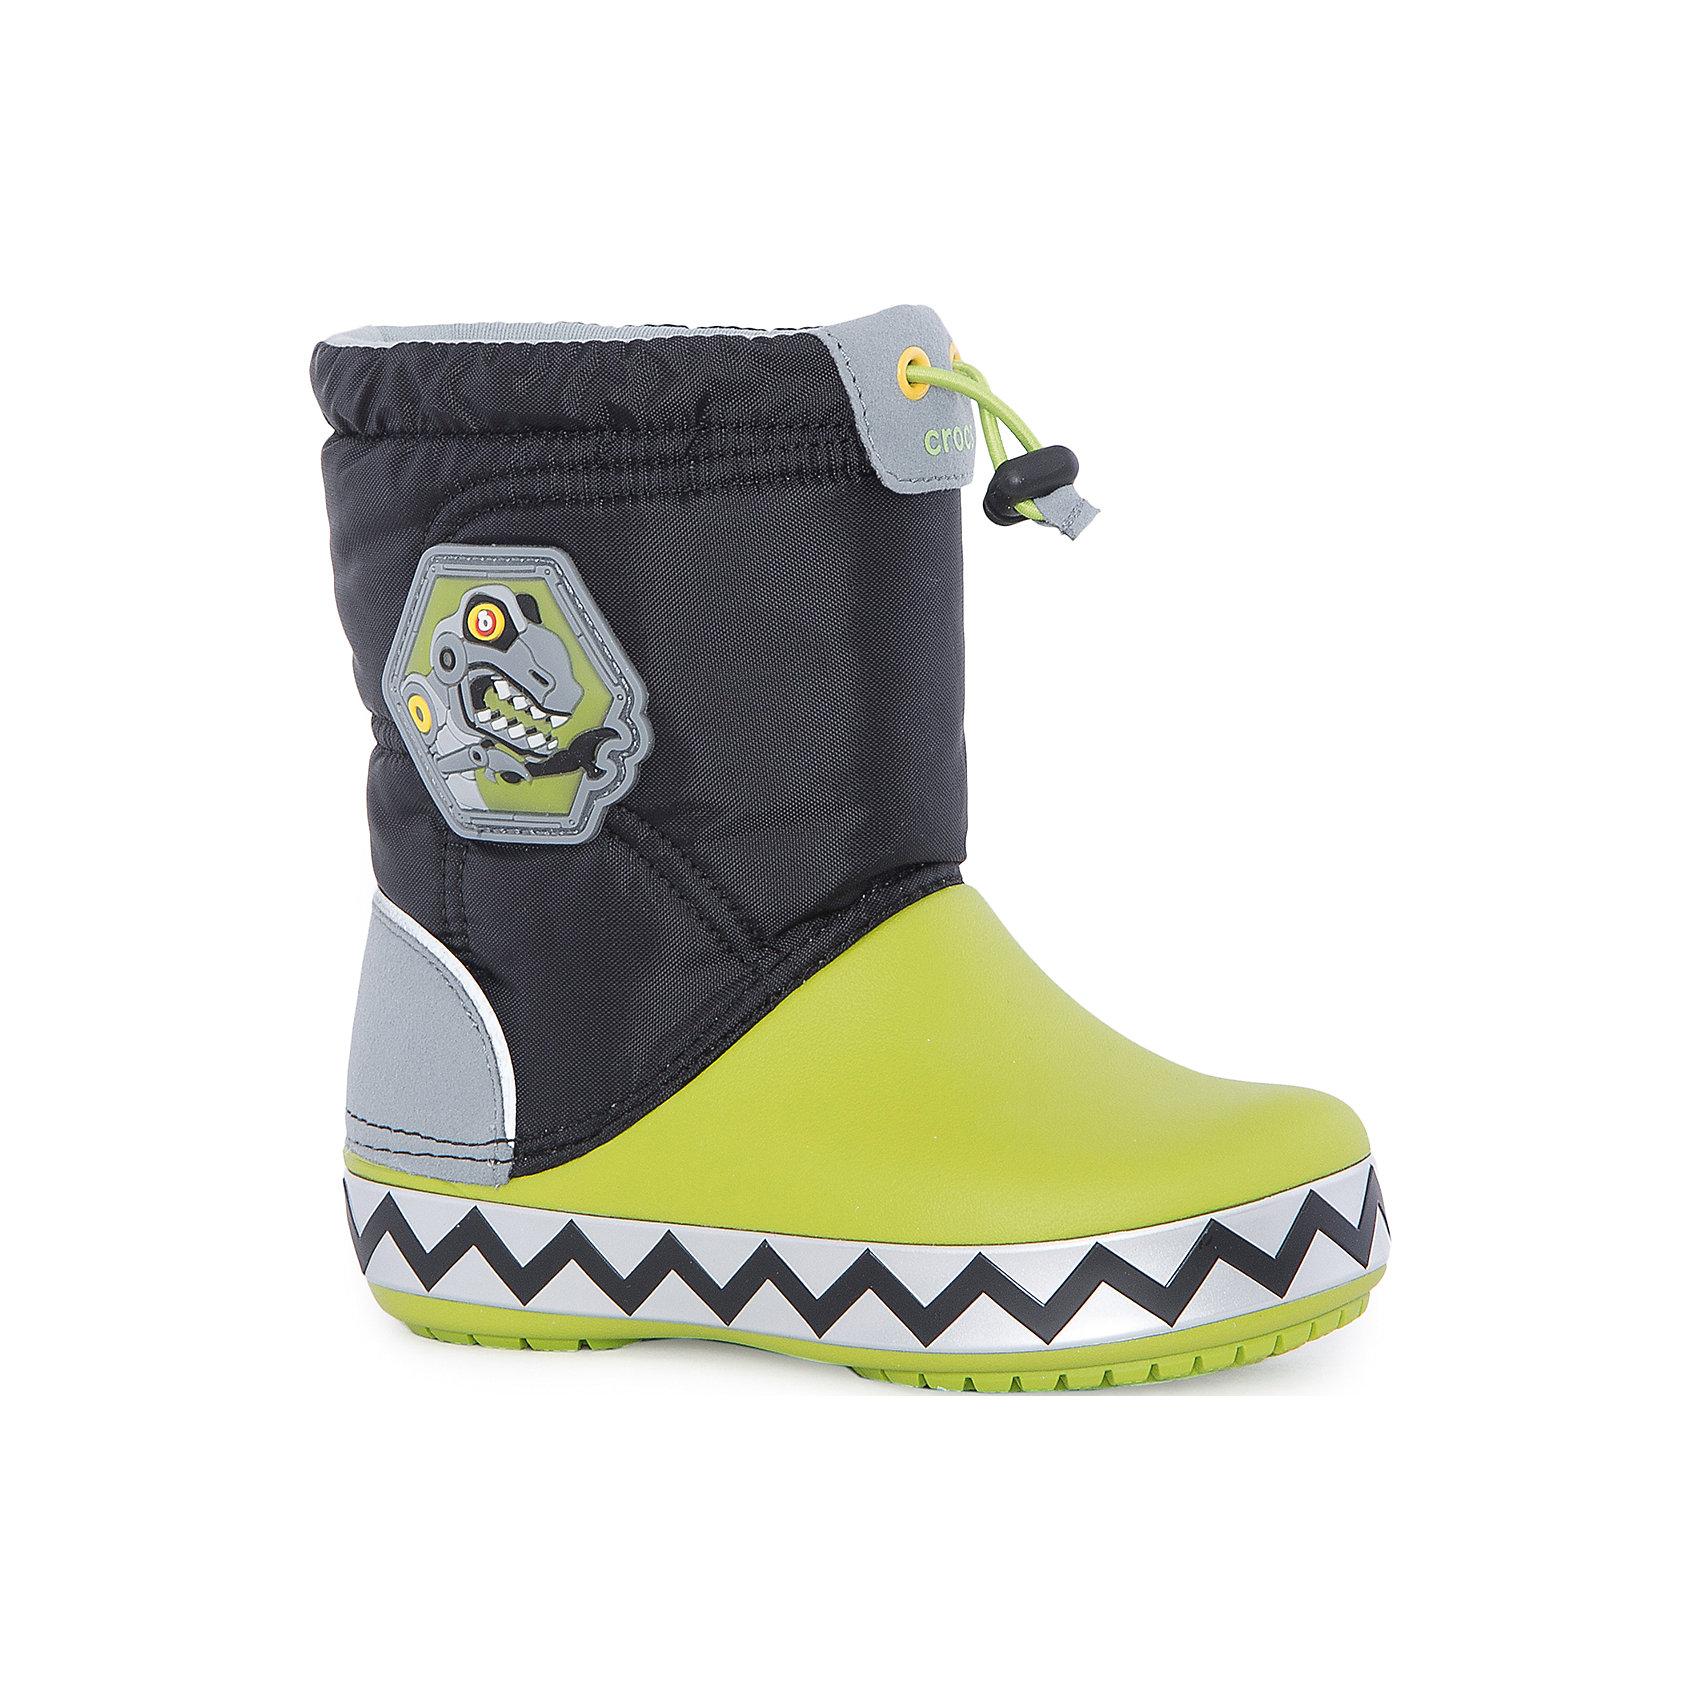 Сапоги Kids' CrocsLights LodgePoint RoboSaur Boot для мальчика CROCSСноубутсы<br>Характеристики товара:<br><br>• цвет: черный/зеленый<br>• материал: верх - текстиль, низ -100% полимер Croslite™<br>• материал подкладки: текстиль<br>• встроенные светодиоды<br>• запас энергии элементов питания примерно 350 тыс. шагов<br>• непромокаемая носочная часть<br>• температурный режим: от -15° до +10° С<br>• легко очищаются<br>• антискользящая подошва<br>• застежка: шнурок со стоппером<br>• толстая устойчивая подошва<br>• страна бренда: США<br>• страна изготовитель: Китай<br><br>Сапоги могут быть и стильными, и теплыми! Для детской обуви крайне важно, чтобы она была удобной. Такие сапоги обеспечивают детям необходимый комфорт, а теплая подкладка создает особый микроклимат. Сапоги легко надеваются и снимаются, отлично сидят на ноге. Материал, из которого они сделаны, не дает размножаться бактериям, поэтому такая обувь препятствует образованию неприятного запаха и появлению болезней стоп. Данная модель особенно понравится детям - ведь в подошве встроены мигающие светодиоды!<br>Обувь от американского бренда Crocs в данный момент завоевала широкую популярность во всем мире, и это не удивительно - ведь она невероятно удобна. Её носят врачи, спортсмены, звёзды шоу-бизнеса, люди, которым много времени приходится бывать на ногах - они понимают, как важна комфортная обувь. Продукция Crocs - это качественные товары, созданные с применением новейших технологий. Обувь отличается стильным дизайном и продуманной конструкцией. Изделие производится из качественных и проверенных материалов, которые безопасны для детей.<br><br>Сапоги для мальчика от торговой марки Crocs можно купить в нашем интернет-магазине.<br><br>Ширина мм: 257<br>Глубина мм: 180<br>Высота мм: 130<br>Вес г: 420<br>Цвет: черный<br>Возраст от месяцев: 18<br>Возраст до месяцев: 21<br>Пол: Мужской<br>Возраст: Детский<br>Размер: 23,34/35,29,30,24,25,26,31/32,27,28,33/34<br>SKU: 5121987